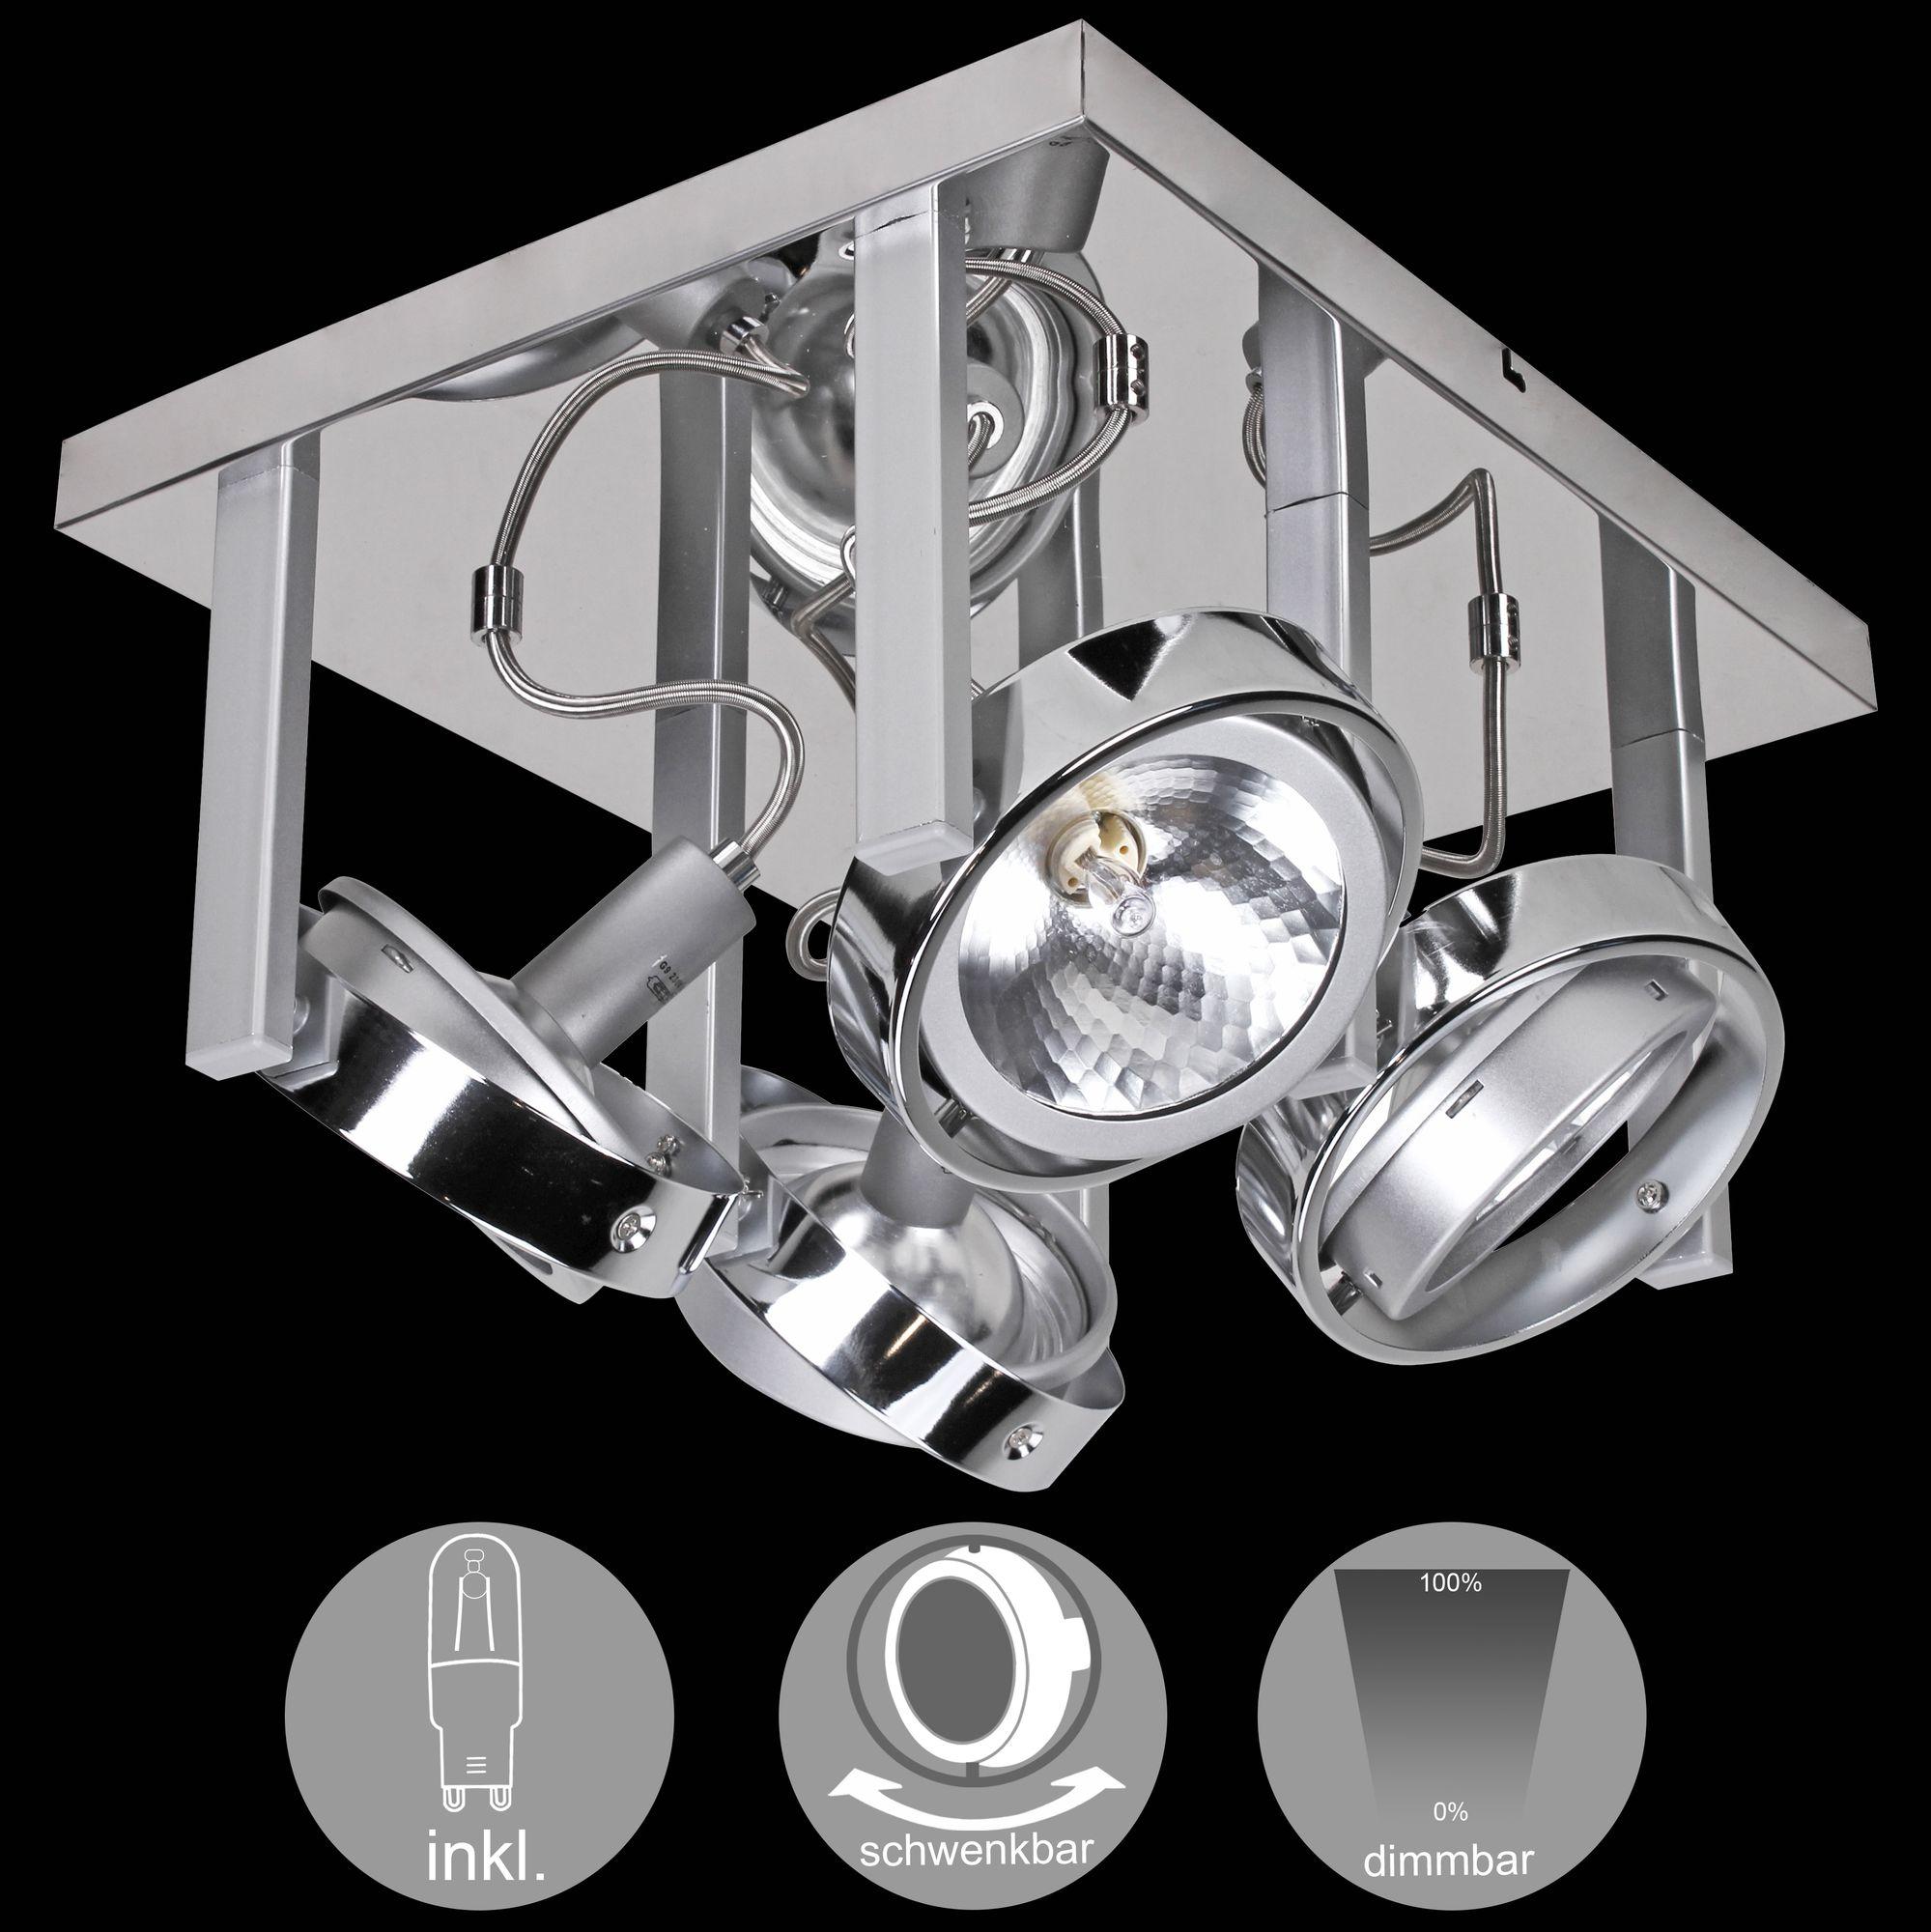 Full Size of Schlafzimmer Deckenlampe Wohnling 4 Flammige Design Deckenleuchte Aus Chrom Inkl Halogen Klimagerät Für Komplett Poco Schrank Teppich Lampe Led Deckenlampen Schlafzimmer Schlafzimmer Deckenlampe